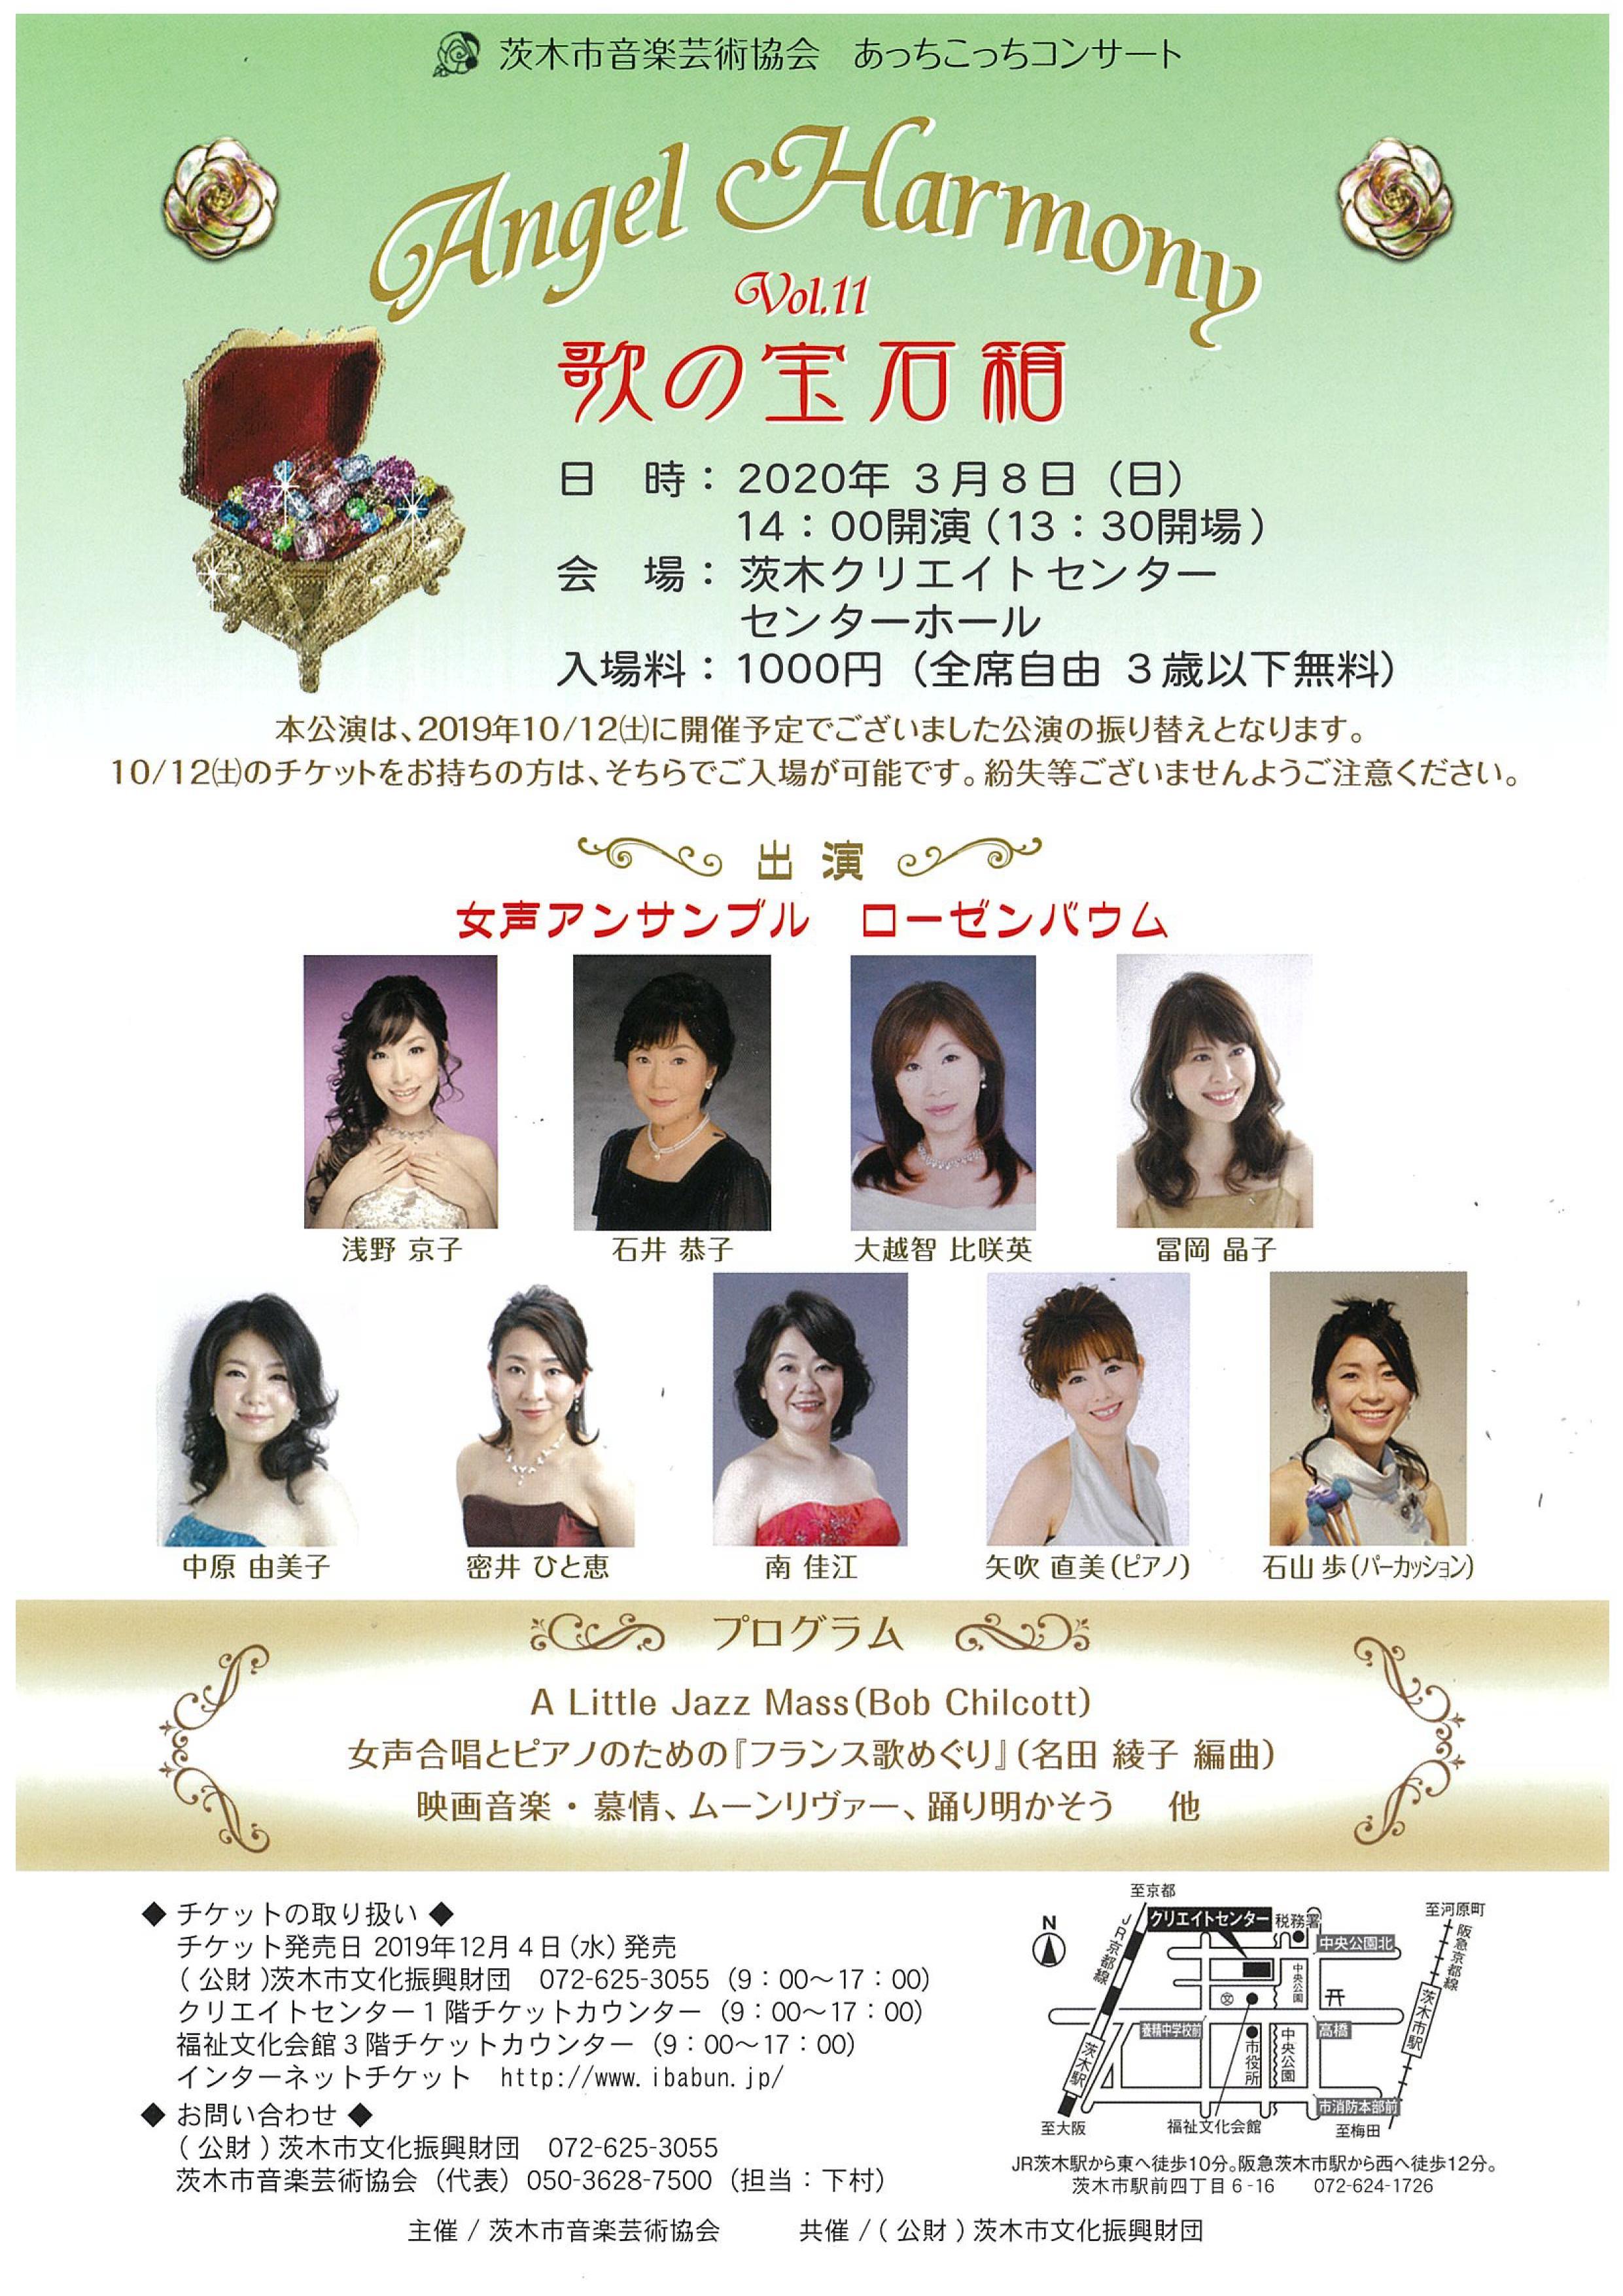 あっちこっちコンサートAngel HarmonyVol.11(振替公演)